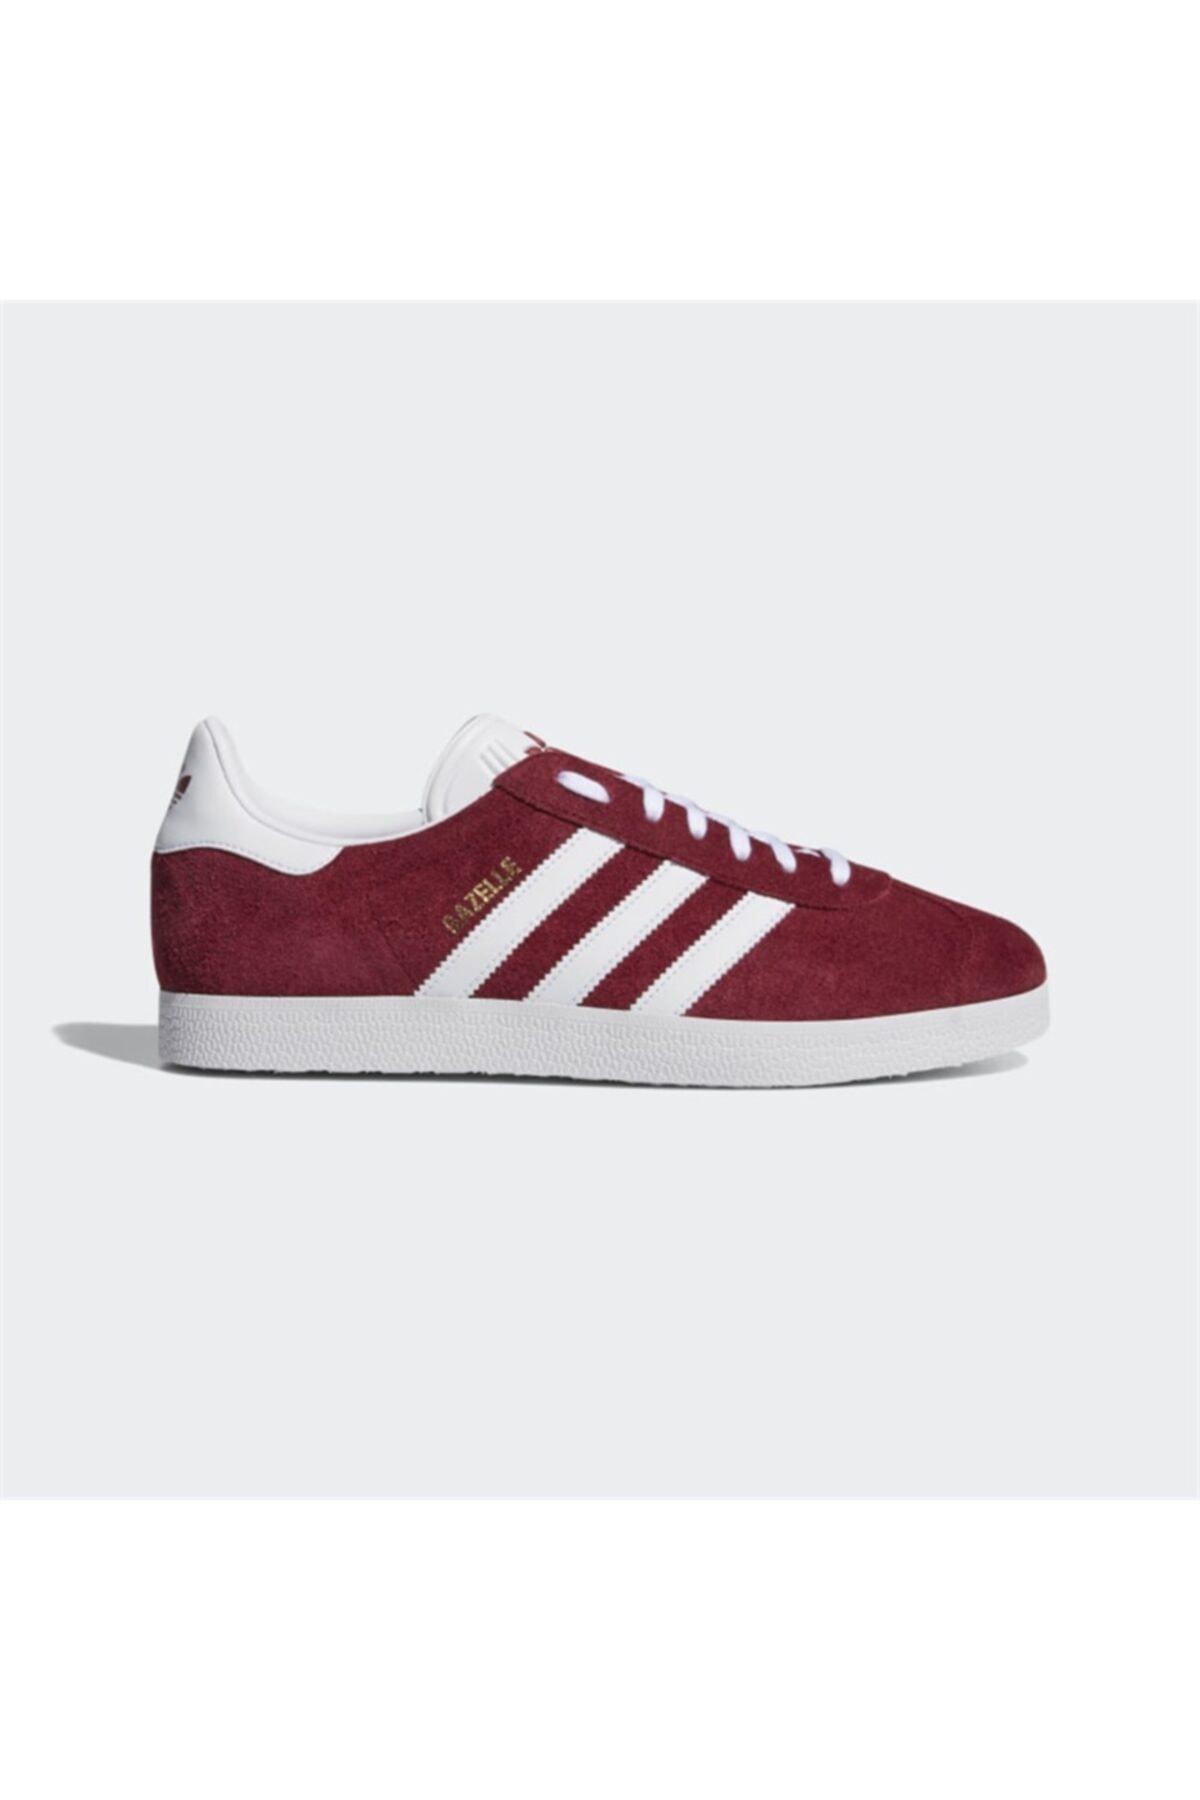 adidas Gazelle Erkek Günlük Spor Ayakkabı 1